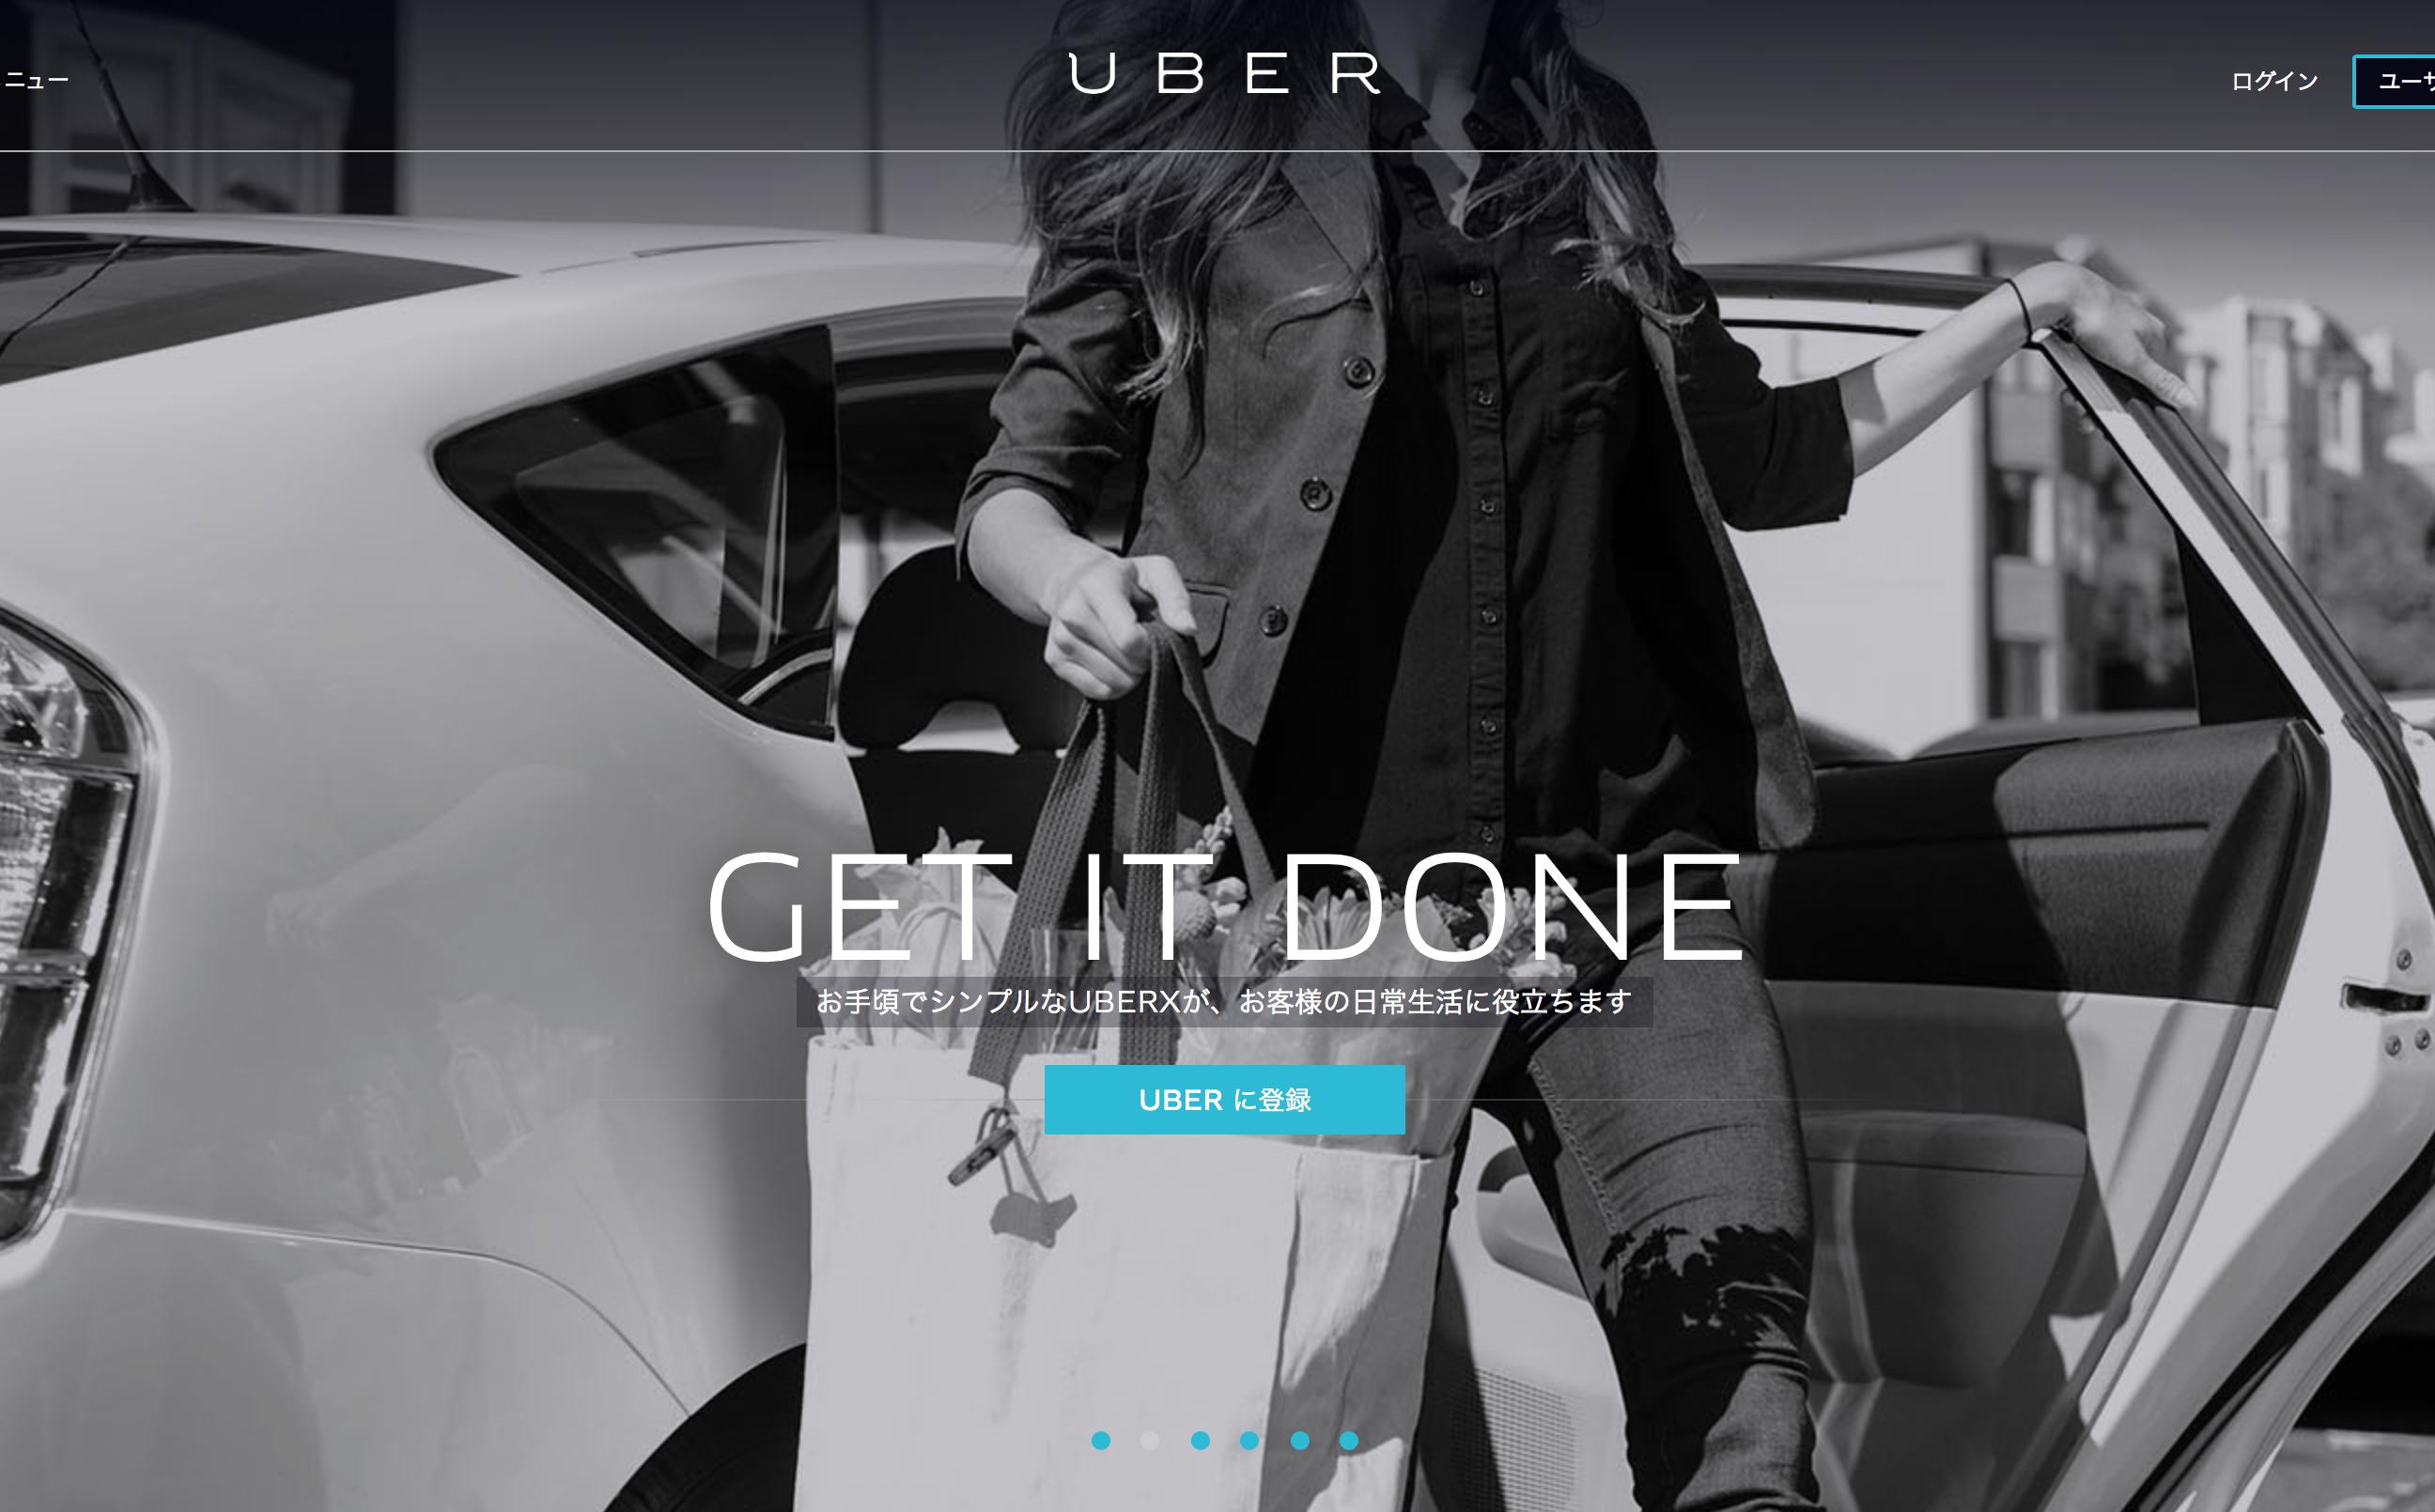 誰でも「ハイヤー」を配車できるスマホアプリ『Uber』が超おすすめ!【六本木や新宿にアクセス多い人特に】